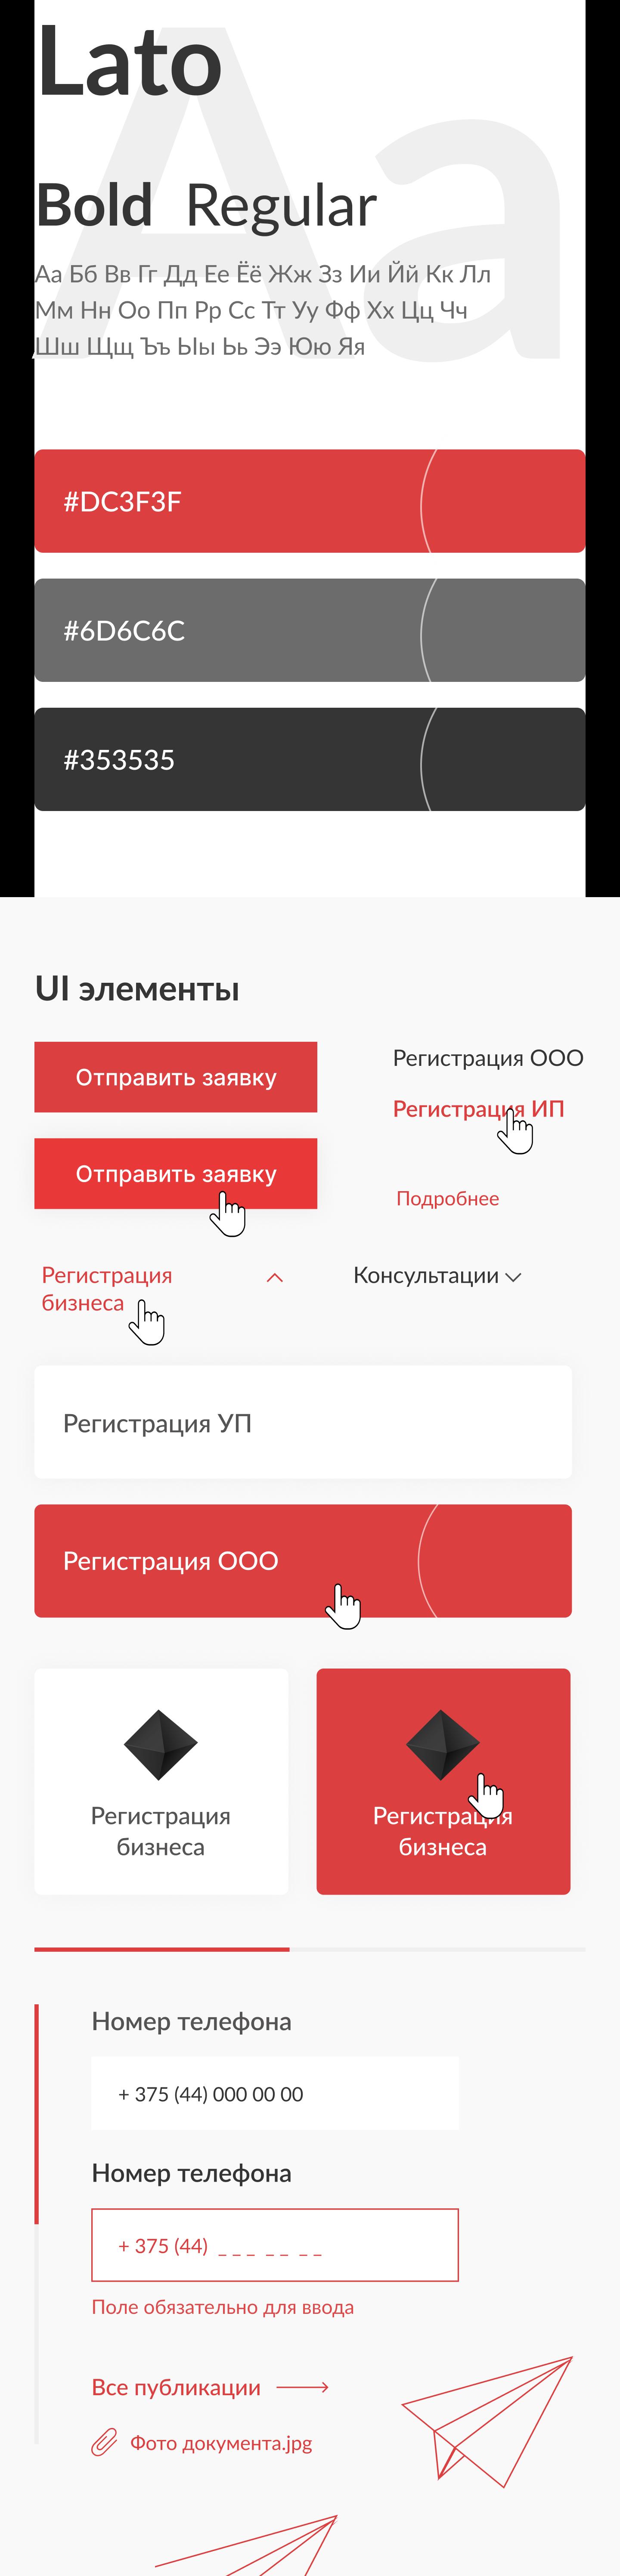 """Создание сайта, разработка дизайна и логотипа для компании """"Центр регистрации бизнеса"""" 6"""